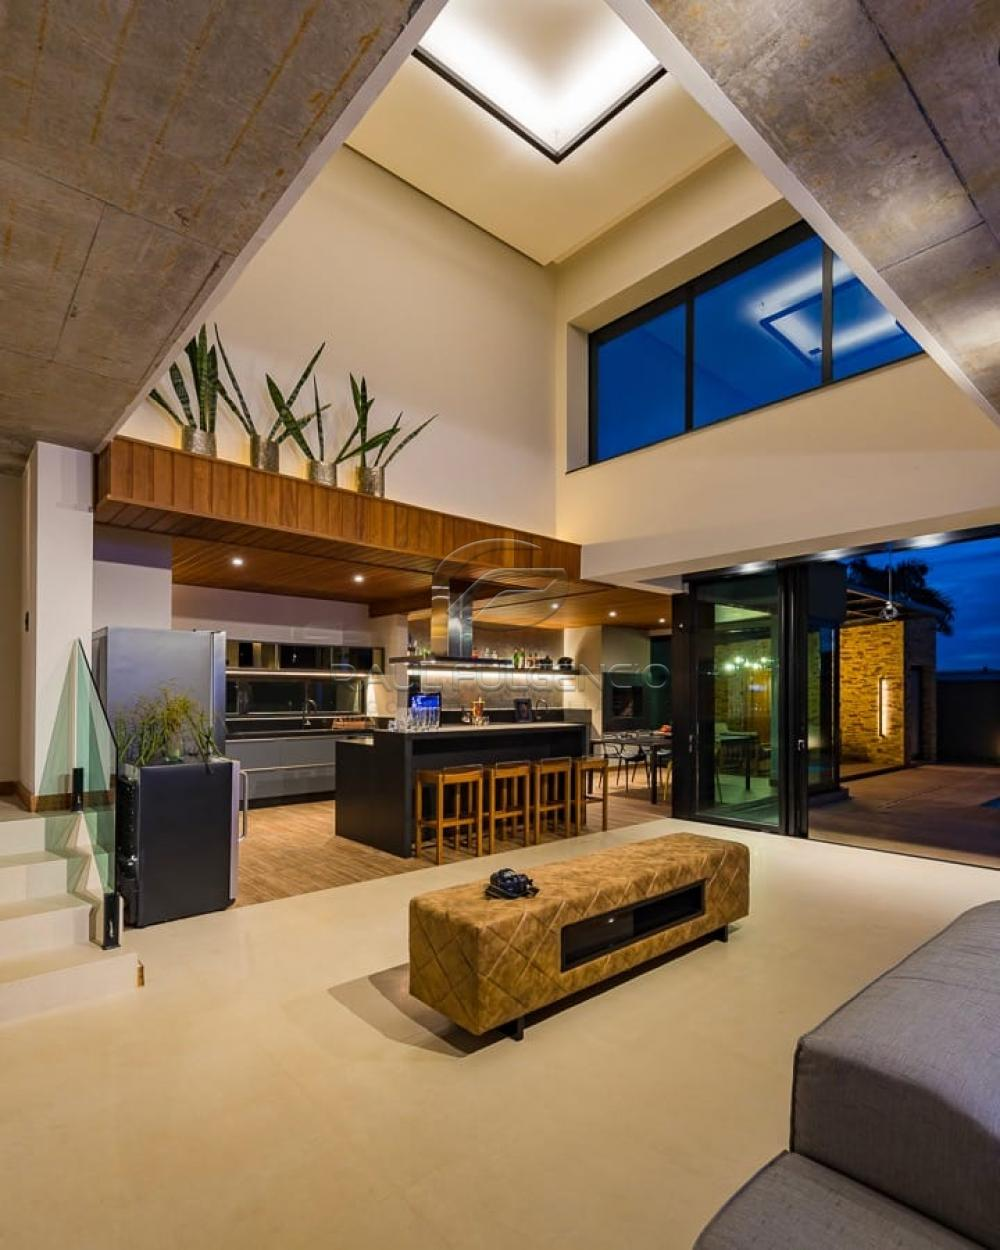 Comprar Casa / Condomínio em Londrina apenas R$ 1.980.000,00 - Foto 6